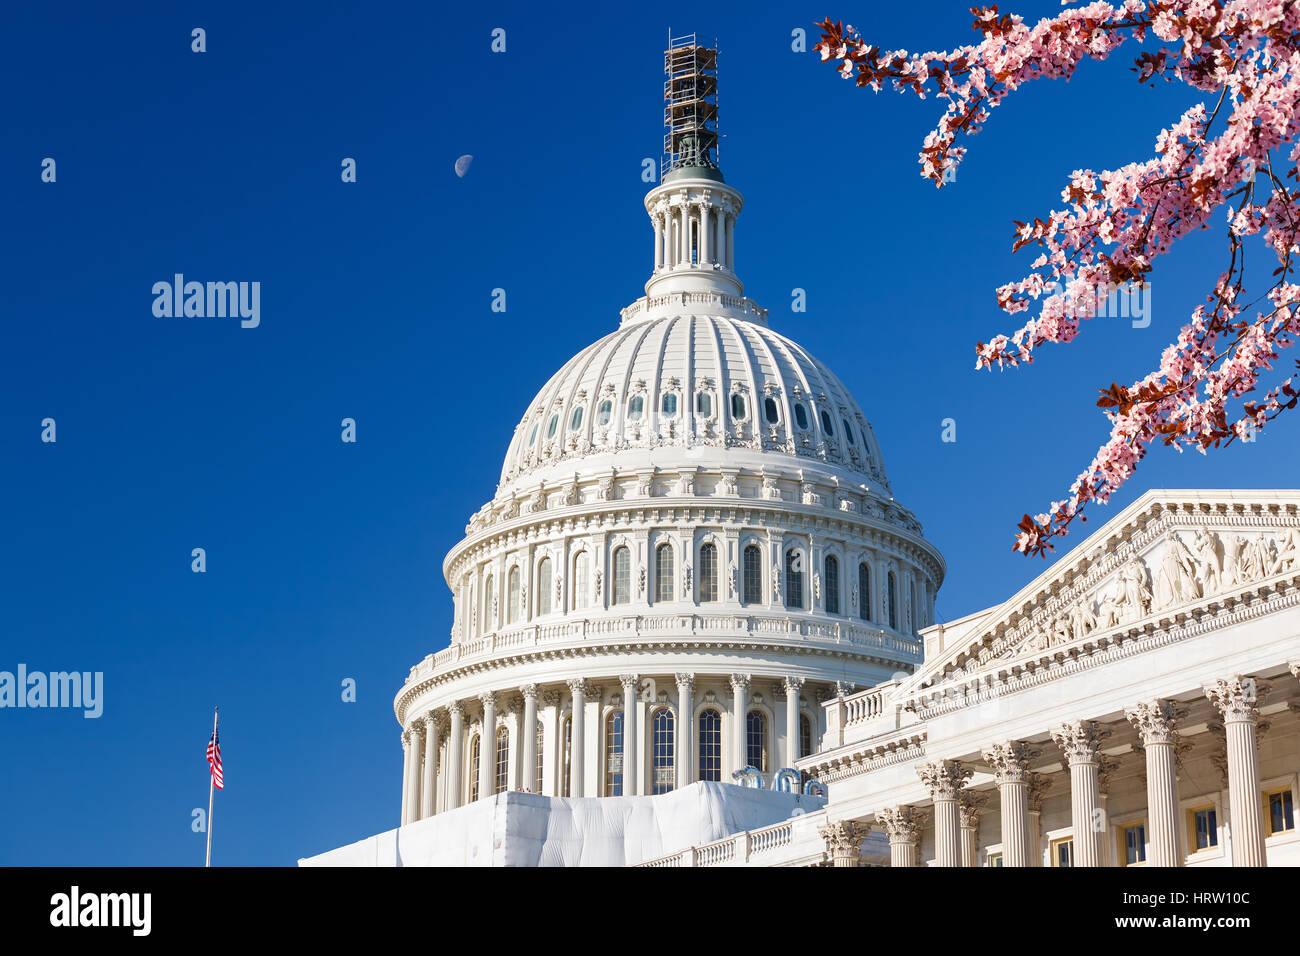 U.S. Capitol über blauer Himmel mit blühenden Kirsche auf foregraund Stockbild